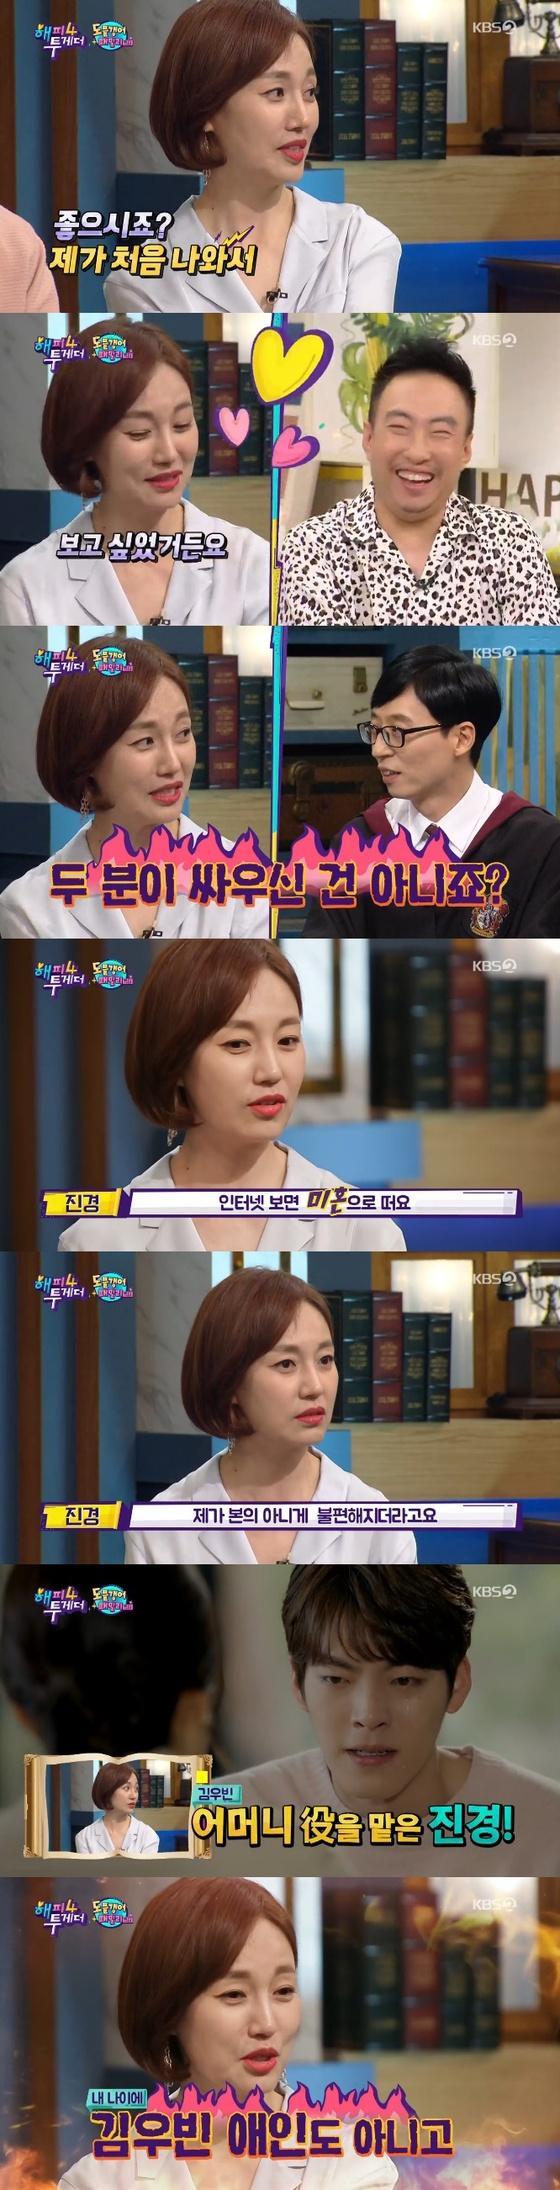 [RE:TV] '해투4' 진경, 이혼 고백까지..사이다 매력 '철철'